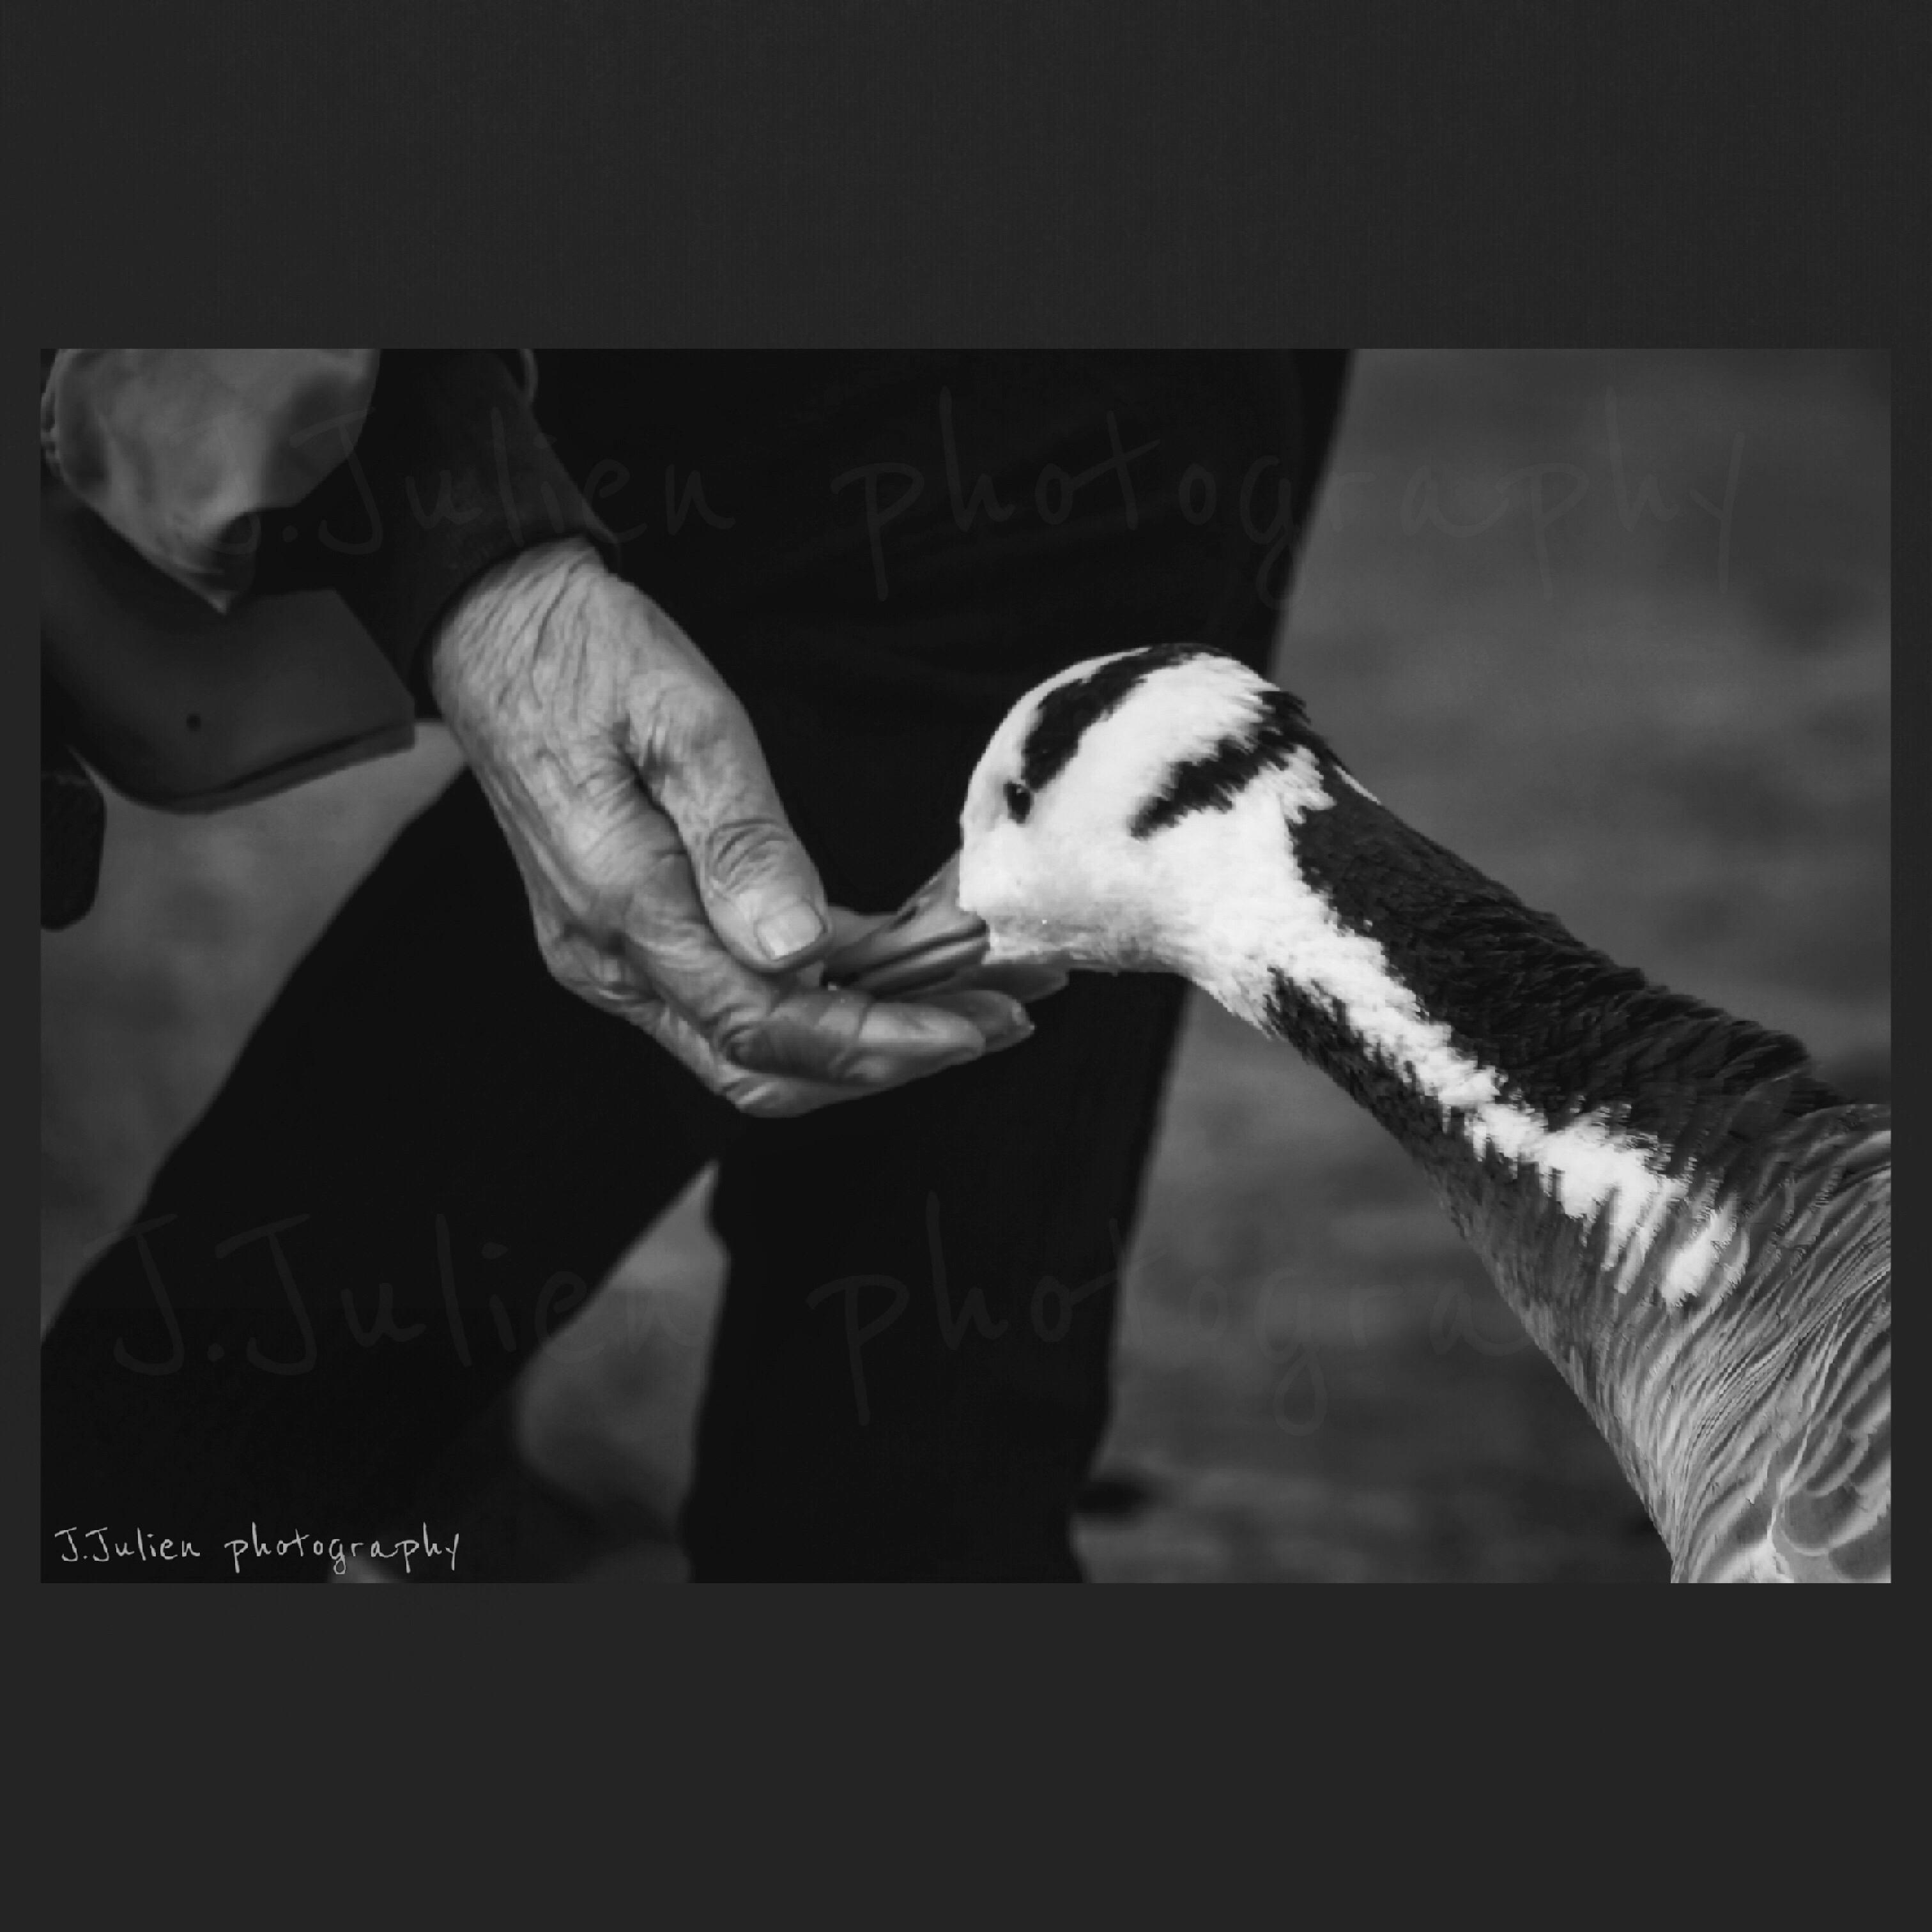 bird photography art Jacques Julien